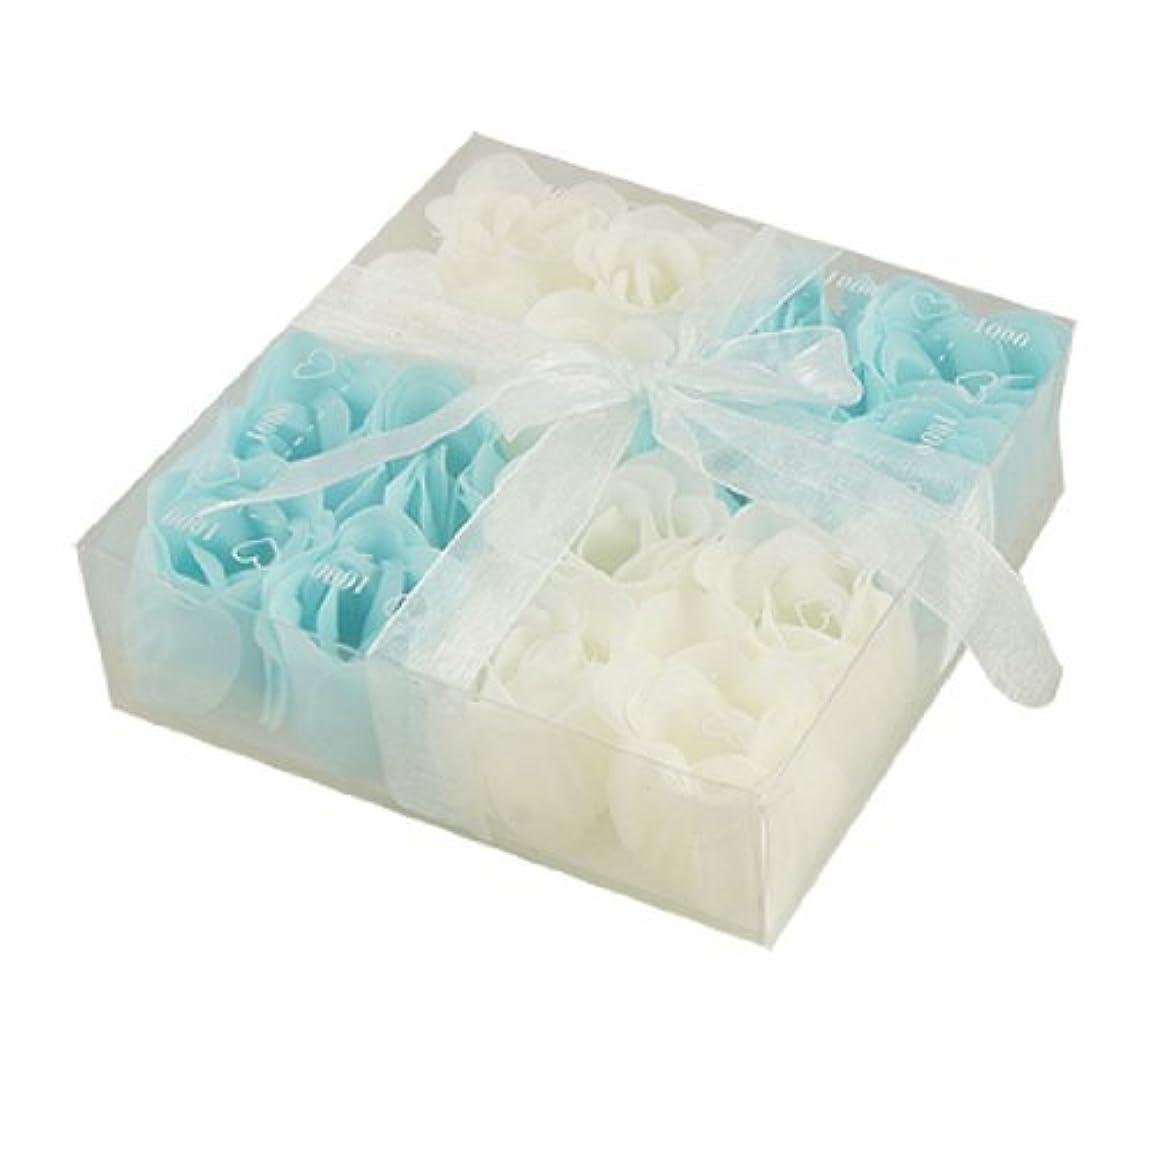 陽気な守る主観的DealMuxベイビーブルーホワイト16個の香りの入浴ソープローズペタルギフト